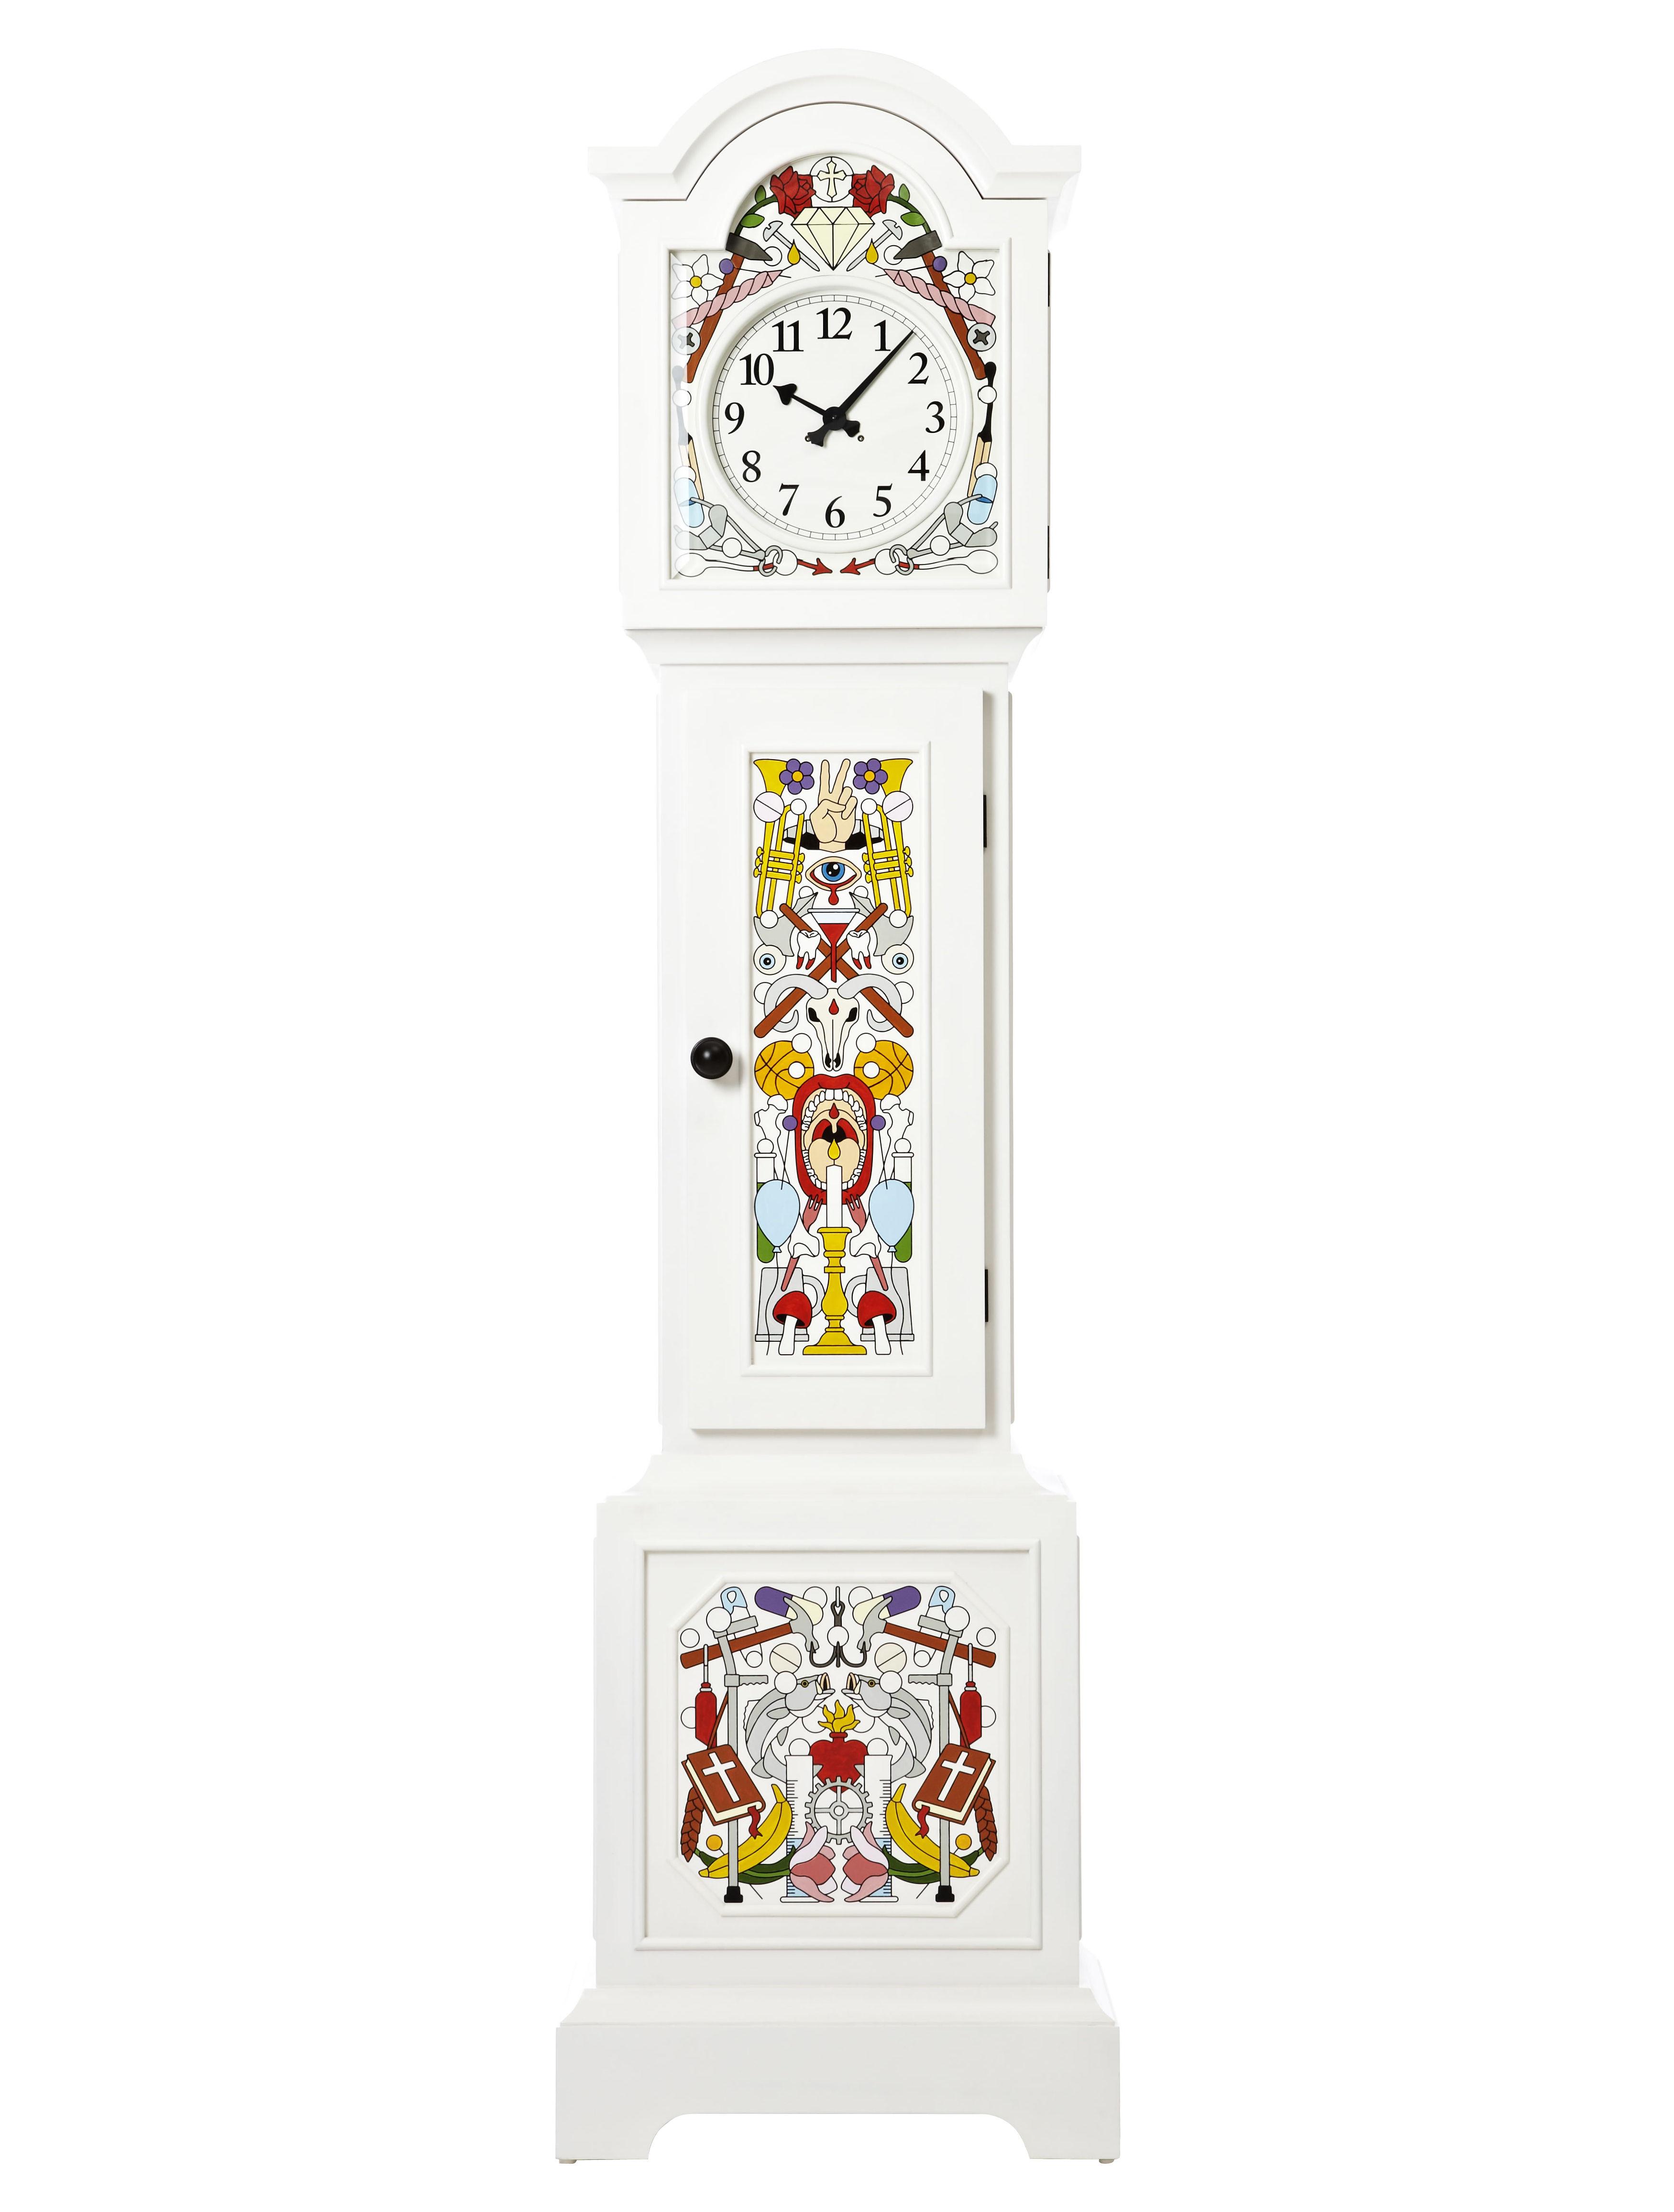 Dekoration - Uhren - Altdeutsche Uhr / Handbemalt - Moooi - Standuhr - Weiß und vielfarbig - Pin massif